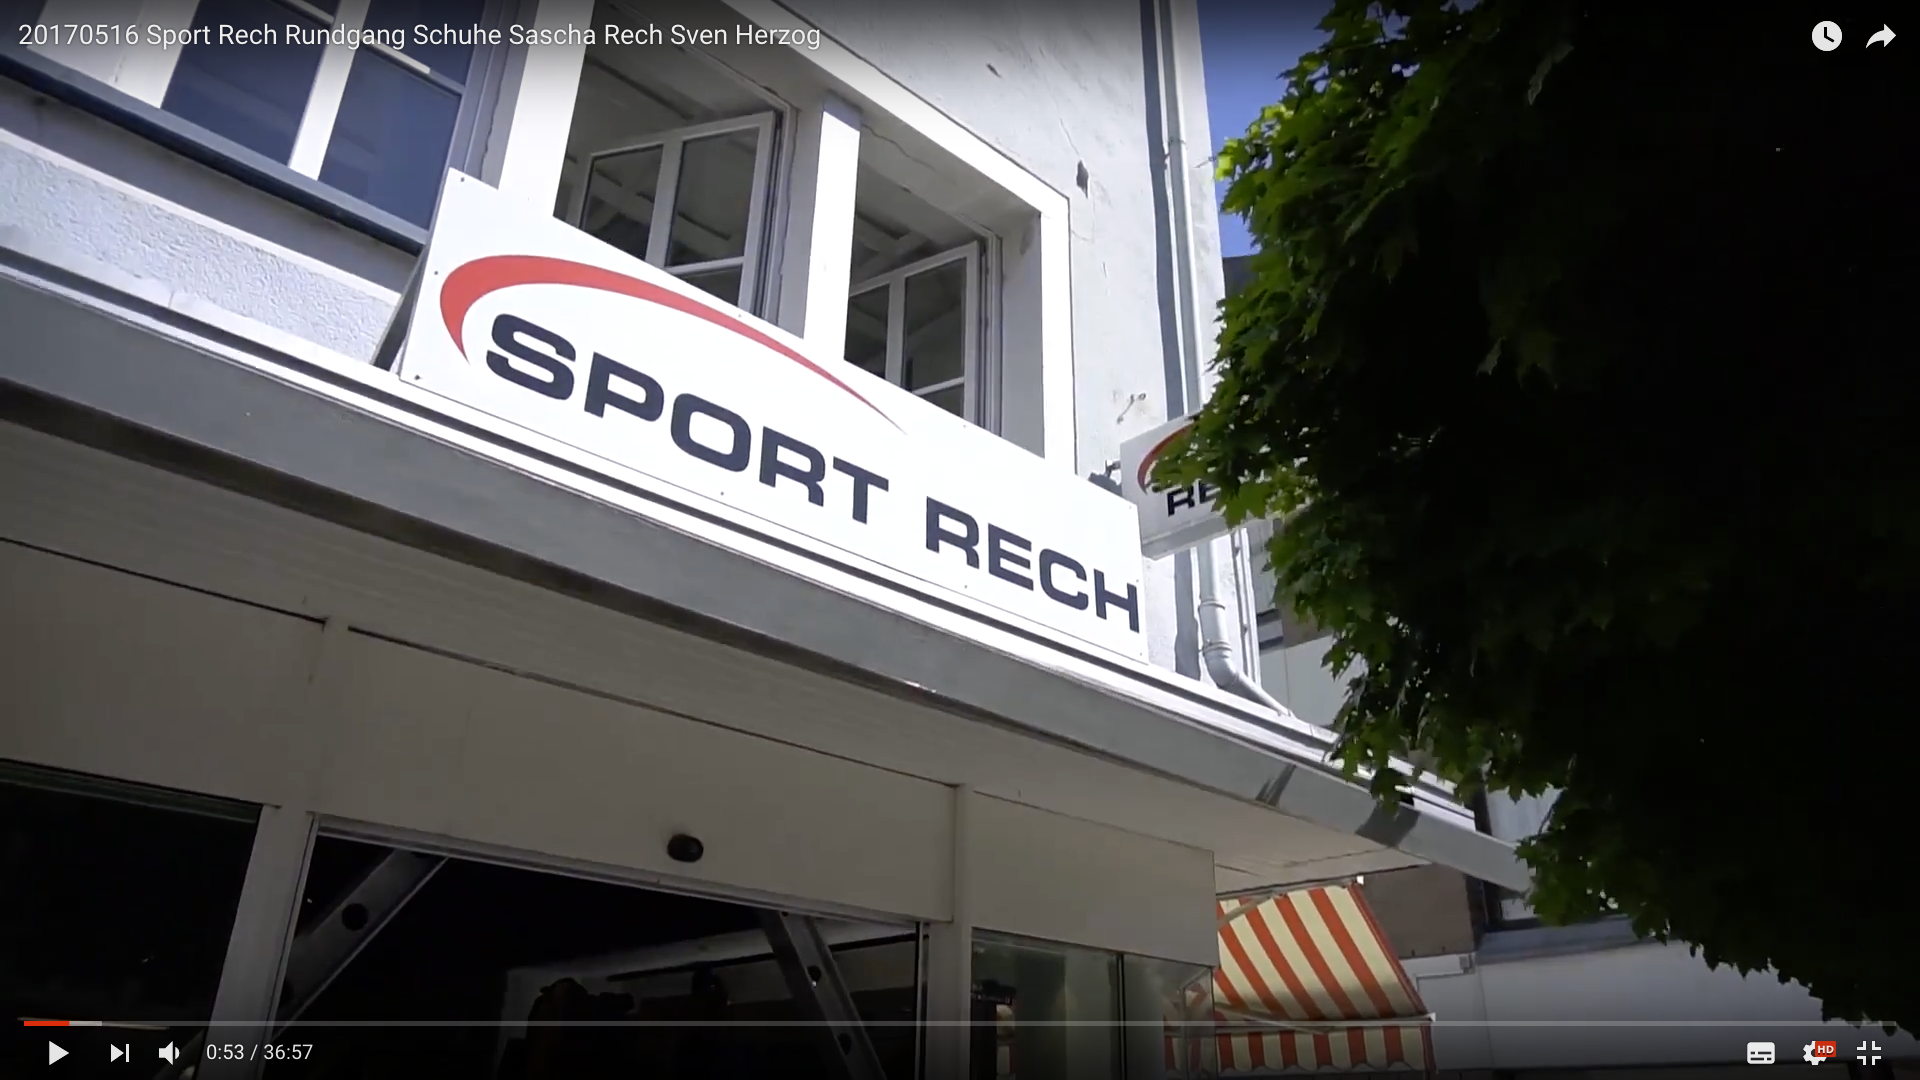 2017 Sport Rech Rundgang Schuhe Sport Rech _MSM_MEDIEN_SAAR_MOSEL_SAARLAND_FERNSEHEN_1_ED_SAAR